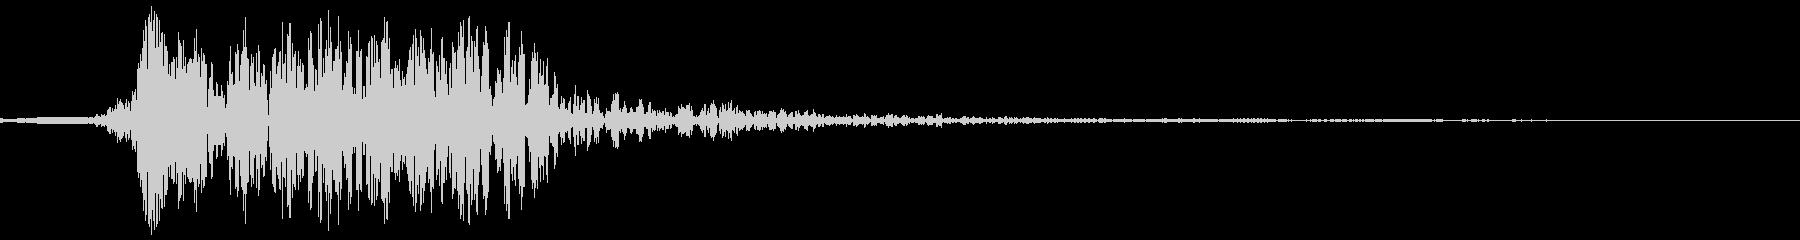 犬の鳴き声(ワンと一回吠える)の未再生の波形